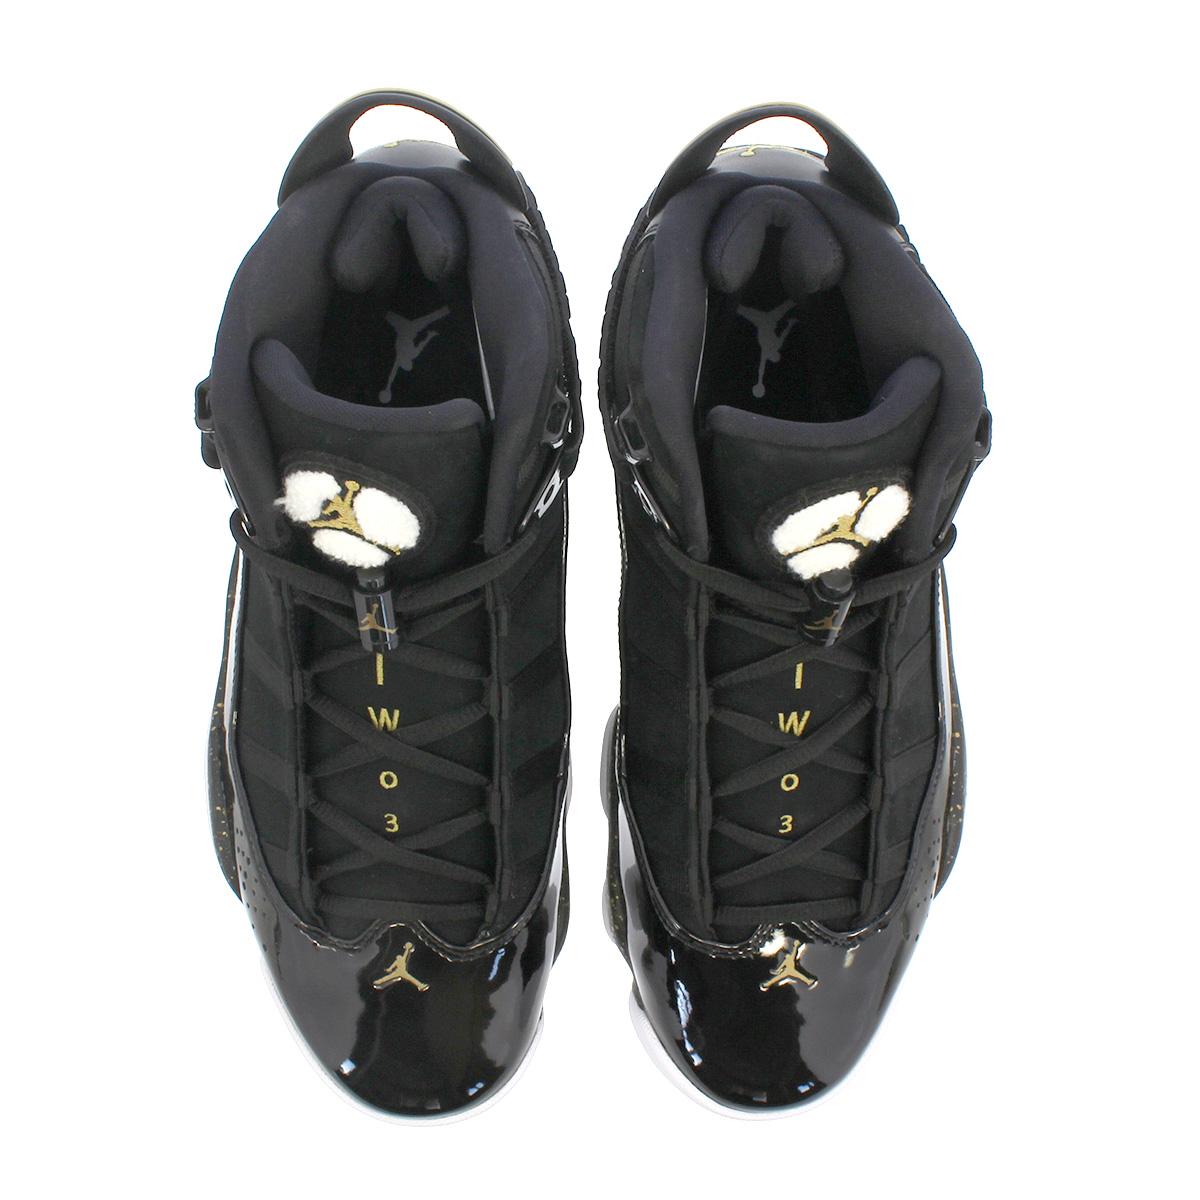 free shipping e02a8 15799 ... NIKE JORDAN 6 RINGS Nike Jordan 6 RINGS Co.,Ltd. BLACK METALLIC ...